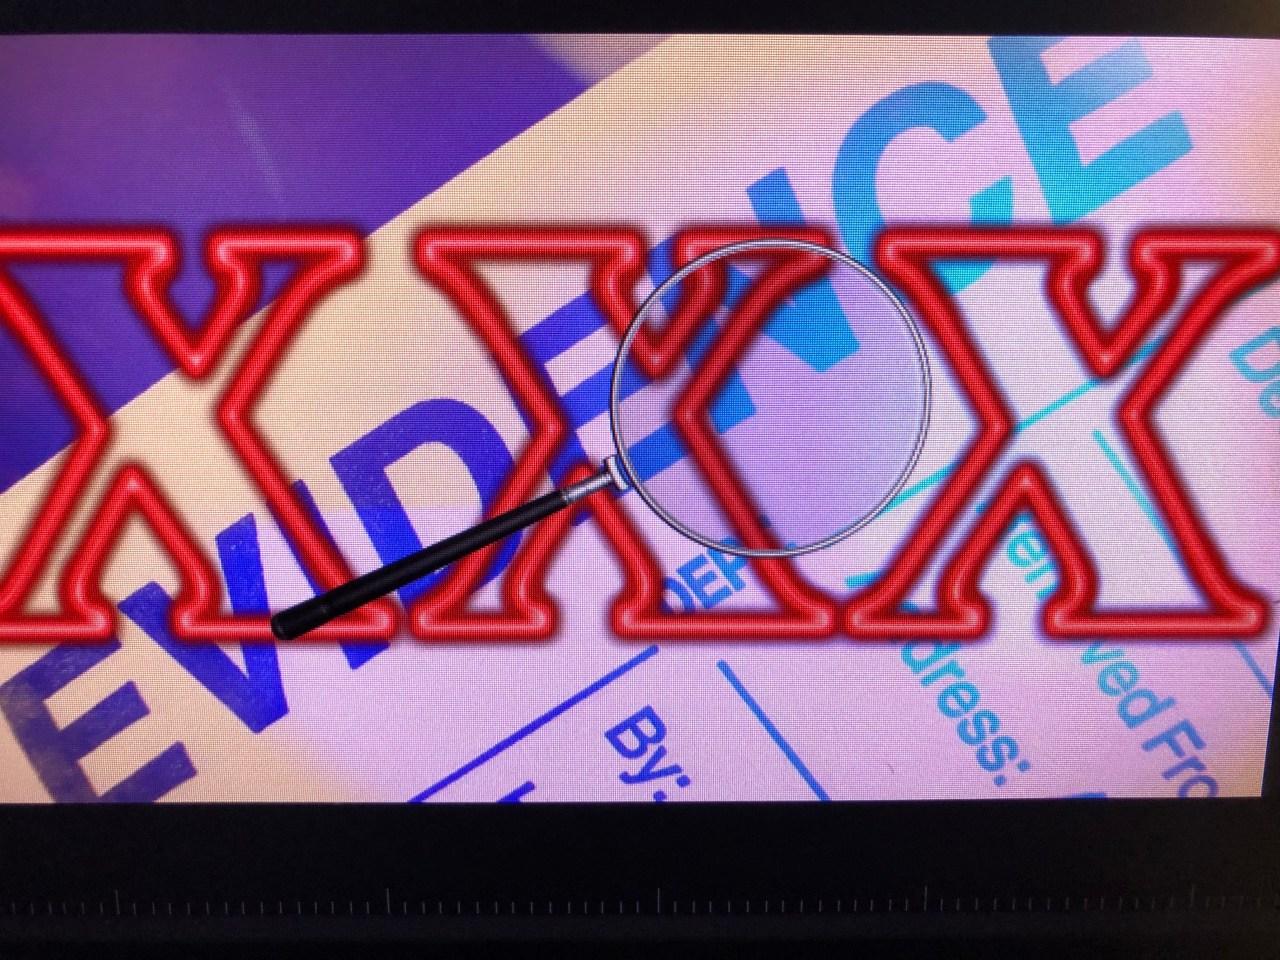 Nude photos - ABC7 Chicago